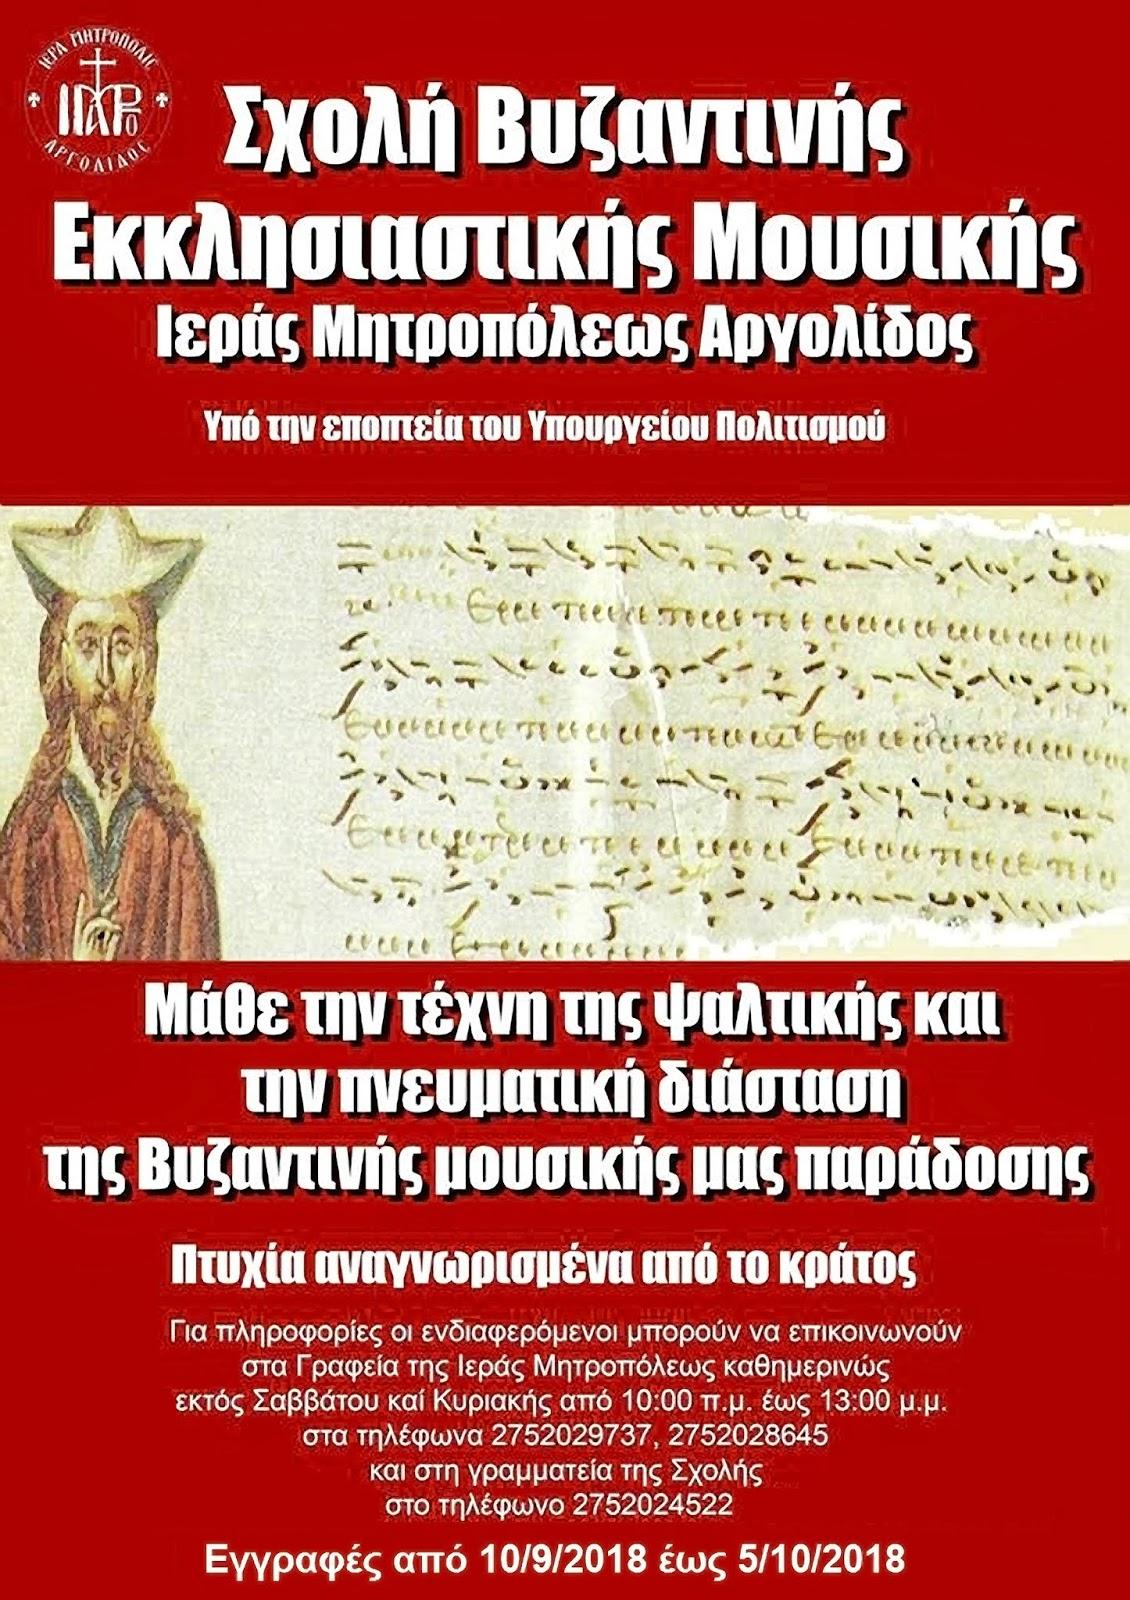 Ξεκινούν οι εγγραφές της Σχολής Βυζαντινής Μουσικής της Ιεράς Μητροπόλεως Αργολίδος